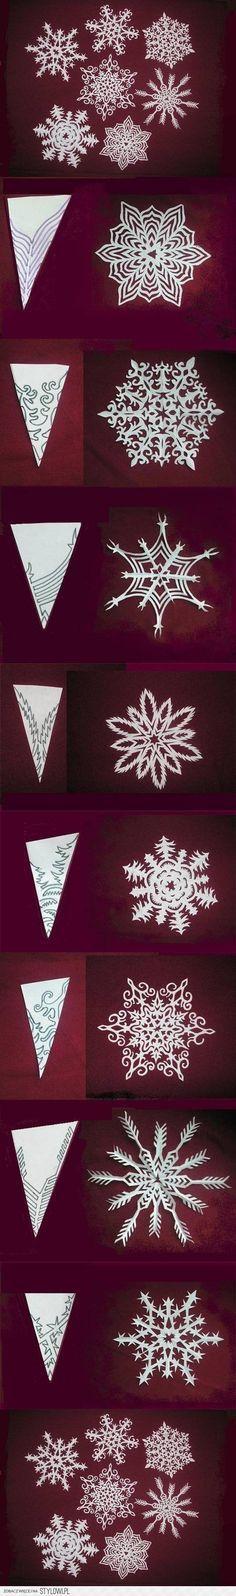 die besten 25 schneeflocken basteln ideen auf pinterest schneeflocken basteln vorlage. Black Bedroom Furniture Sets. Home Design Ideas